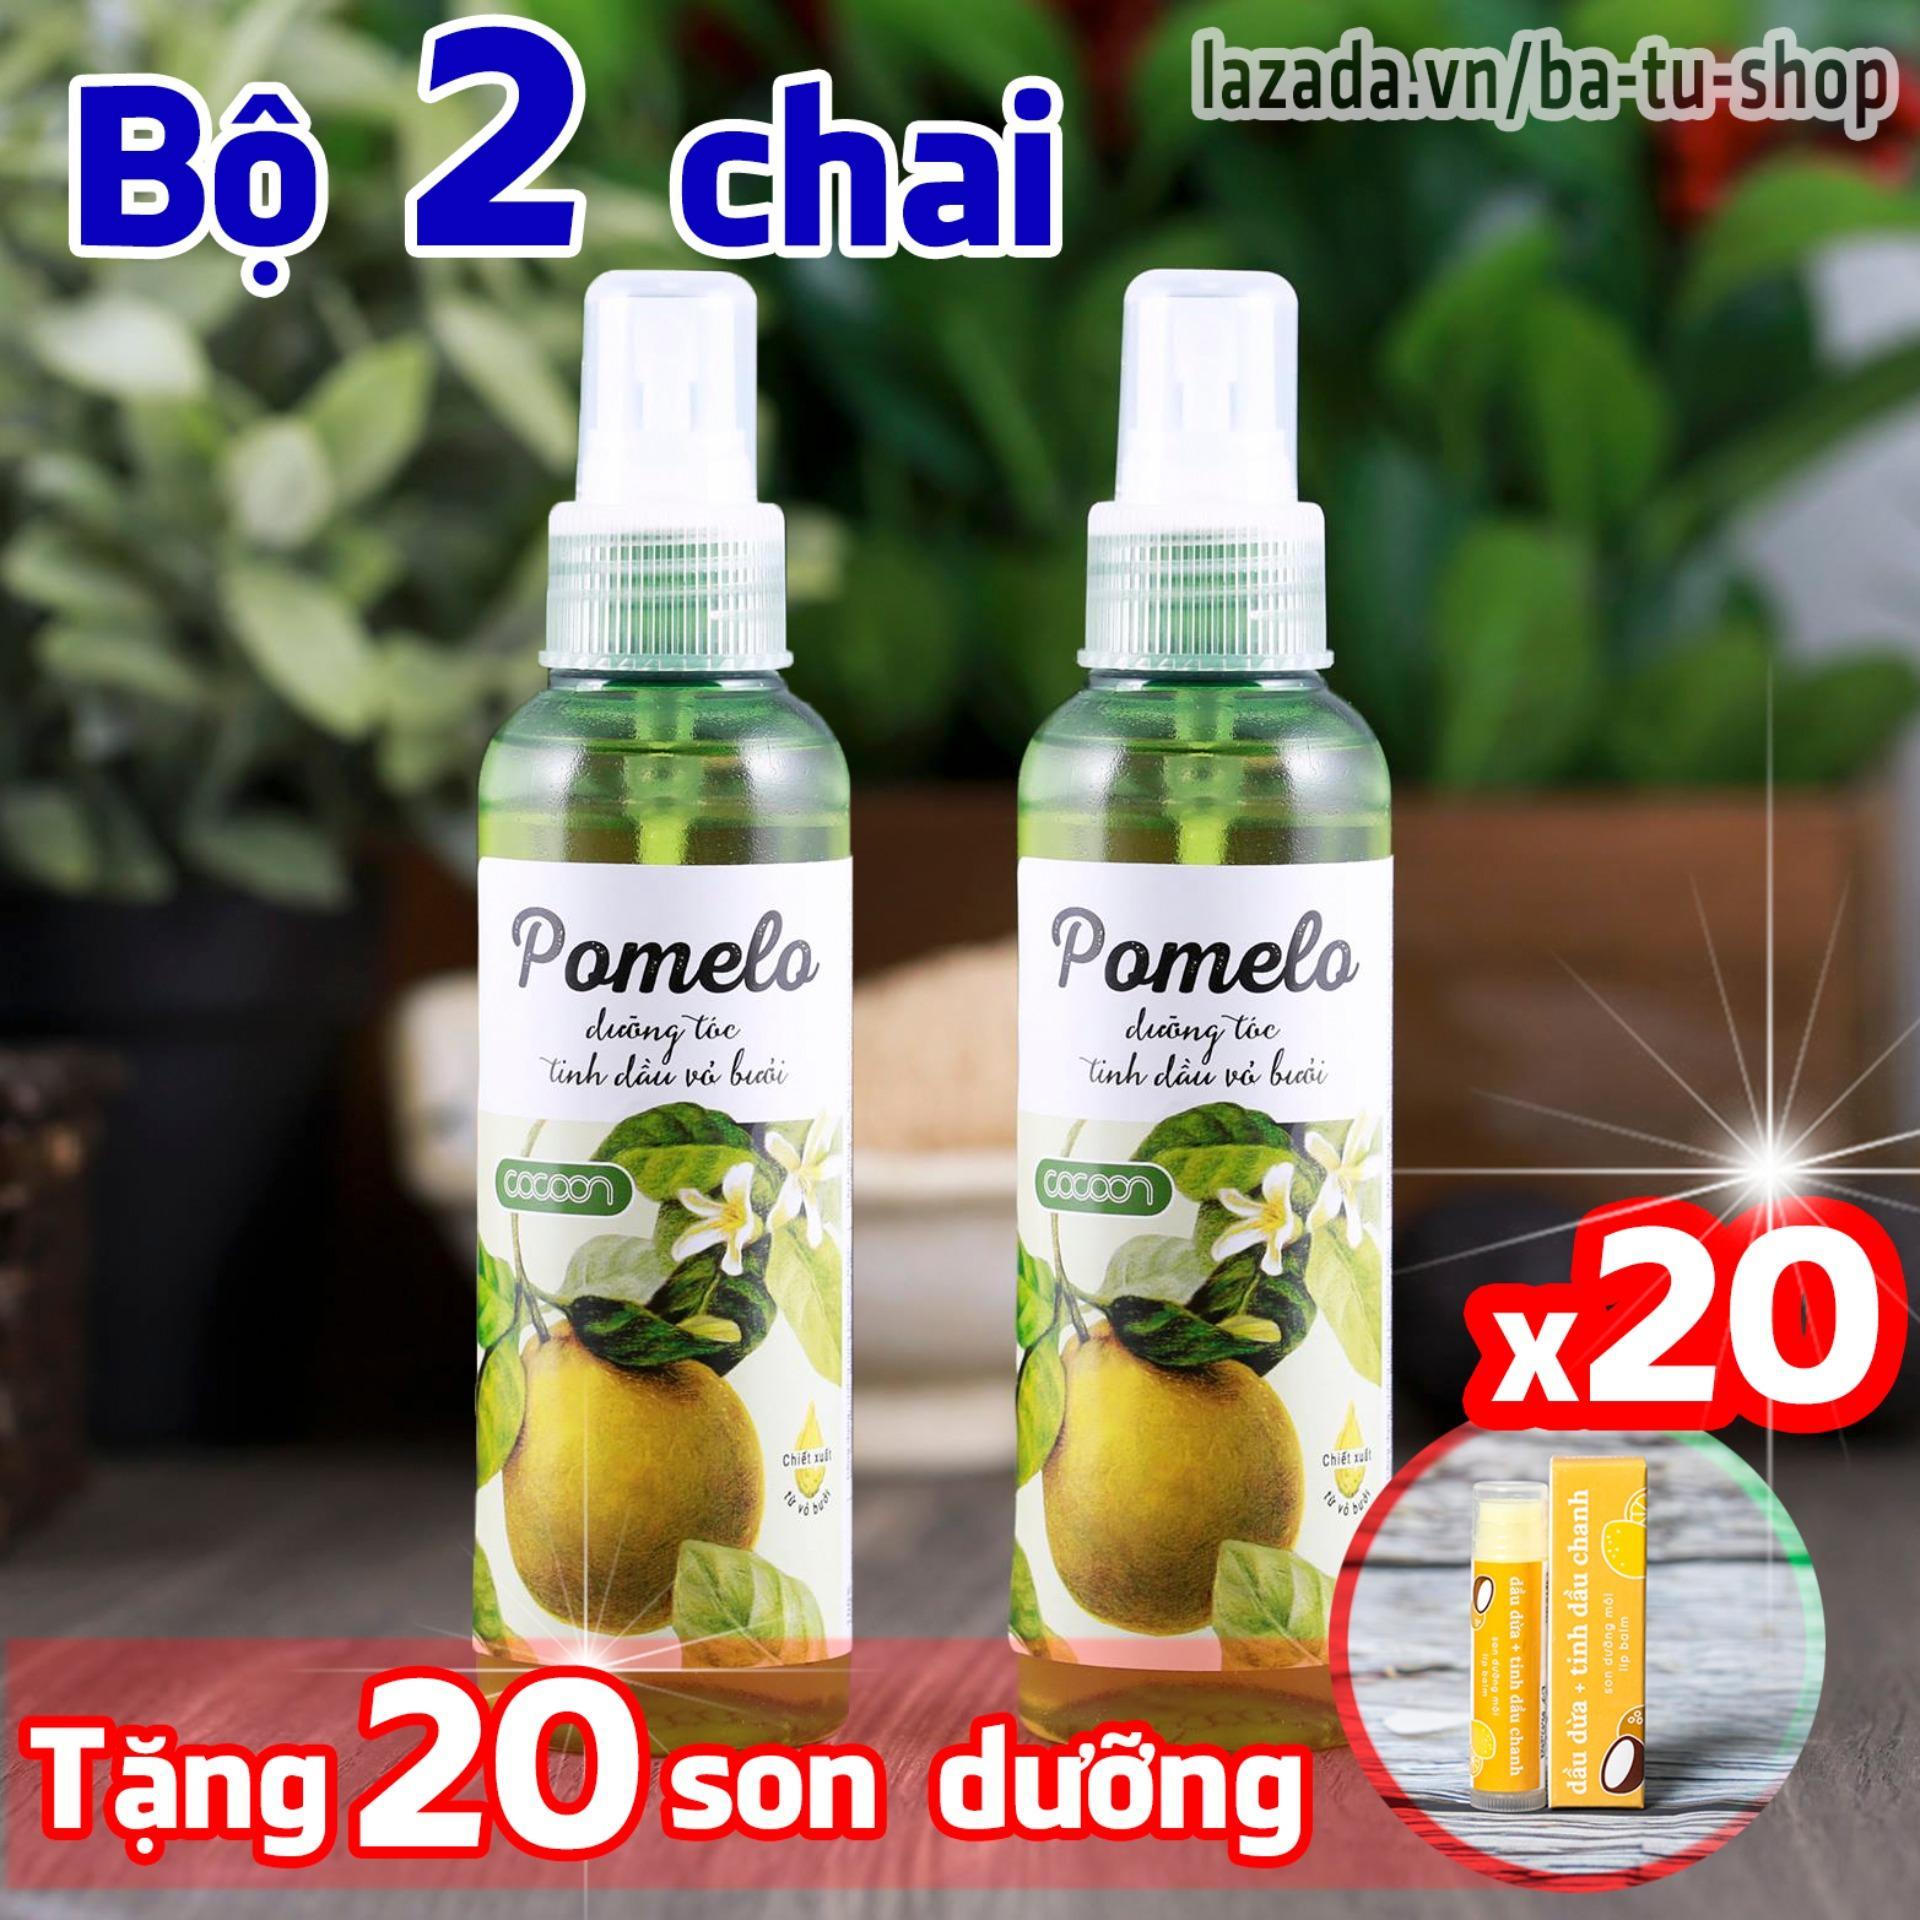 Hình ảnh Bộ 2 chai xịt bưởi dưỡng tóc Pomelo Cocoon tặng 20 son dưỡng môi Lip Care